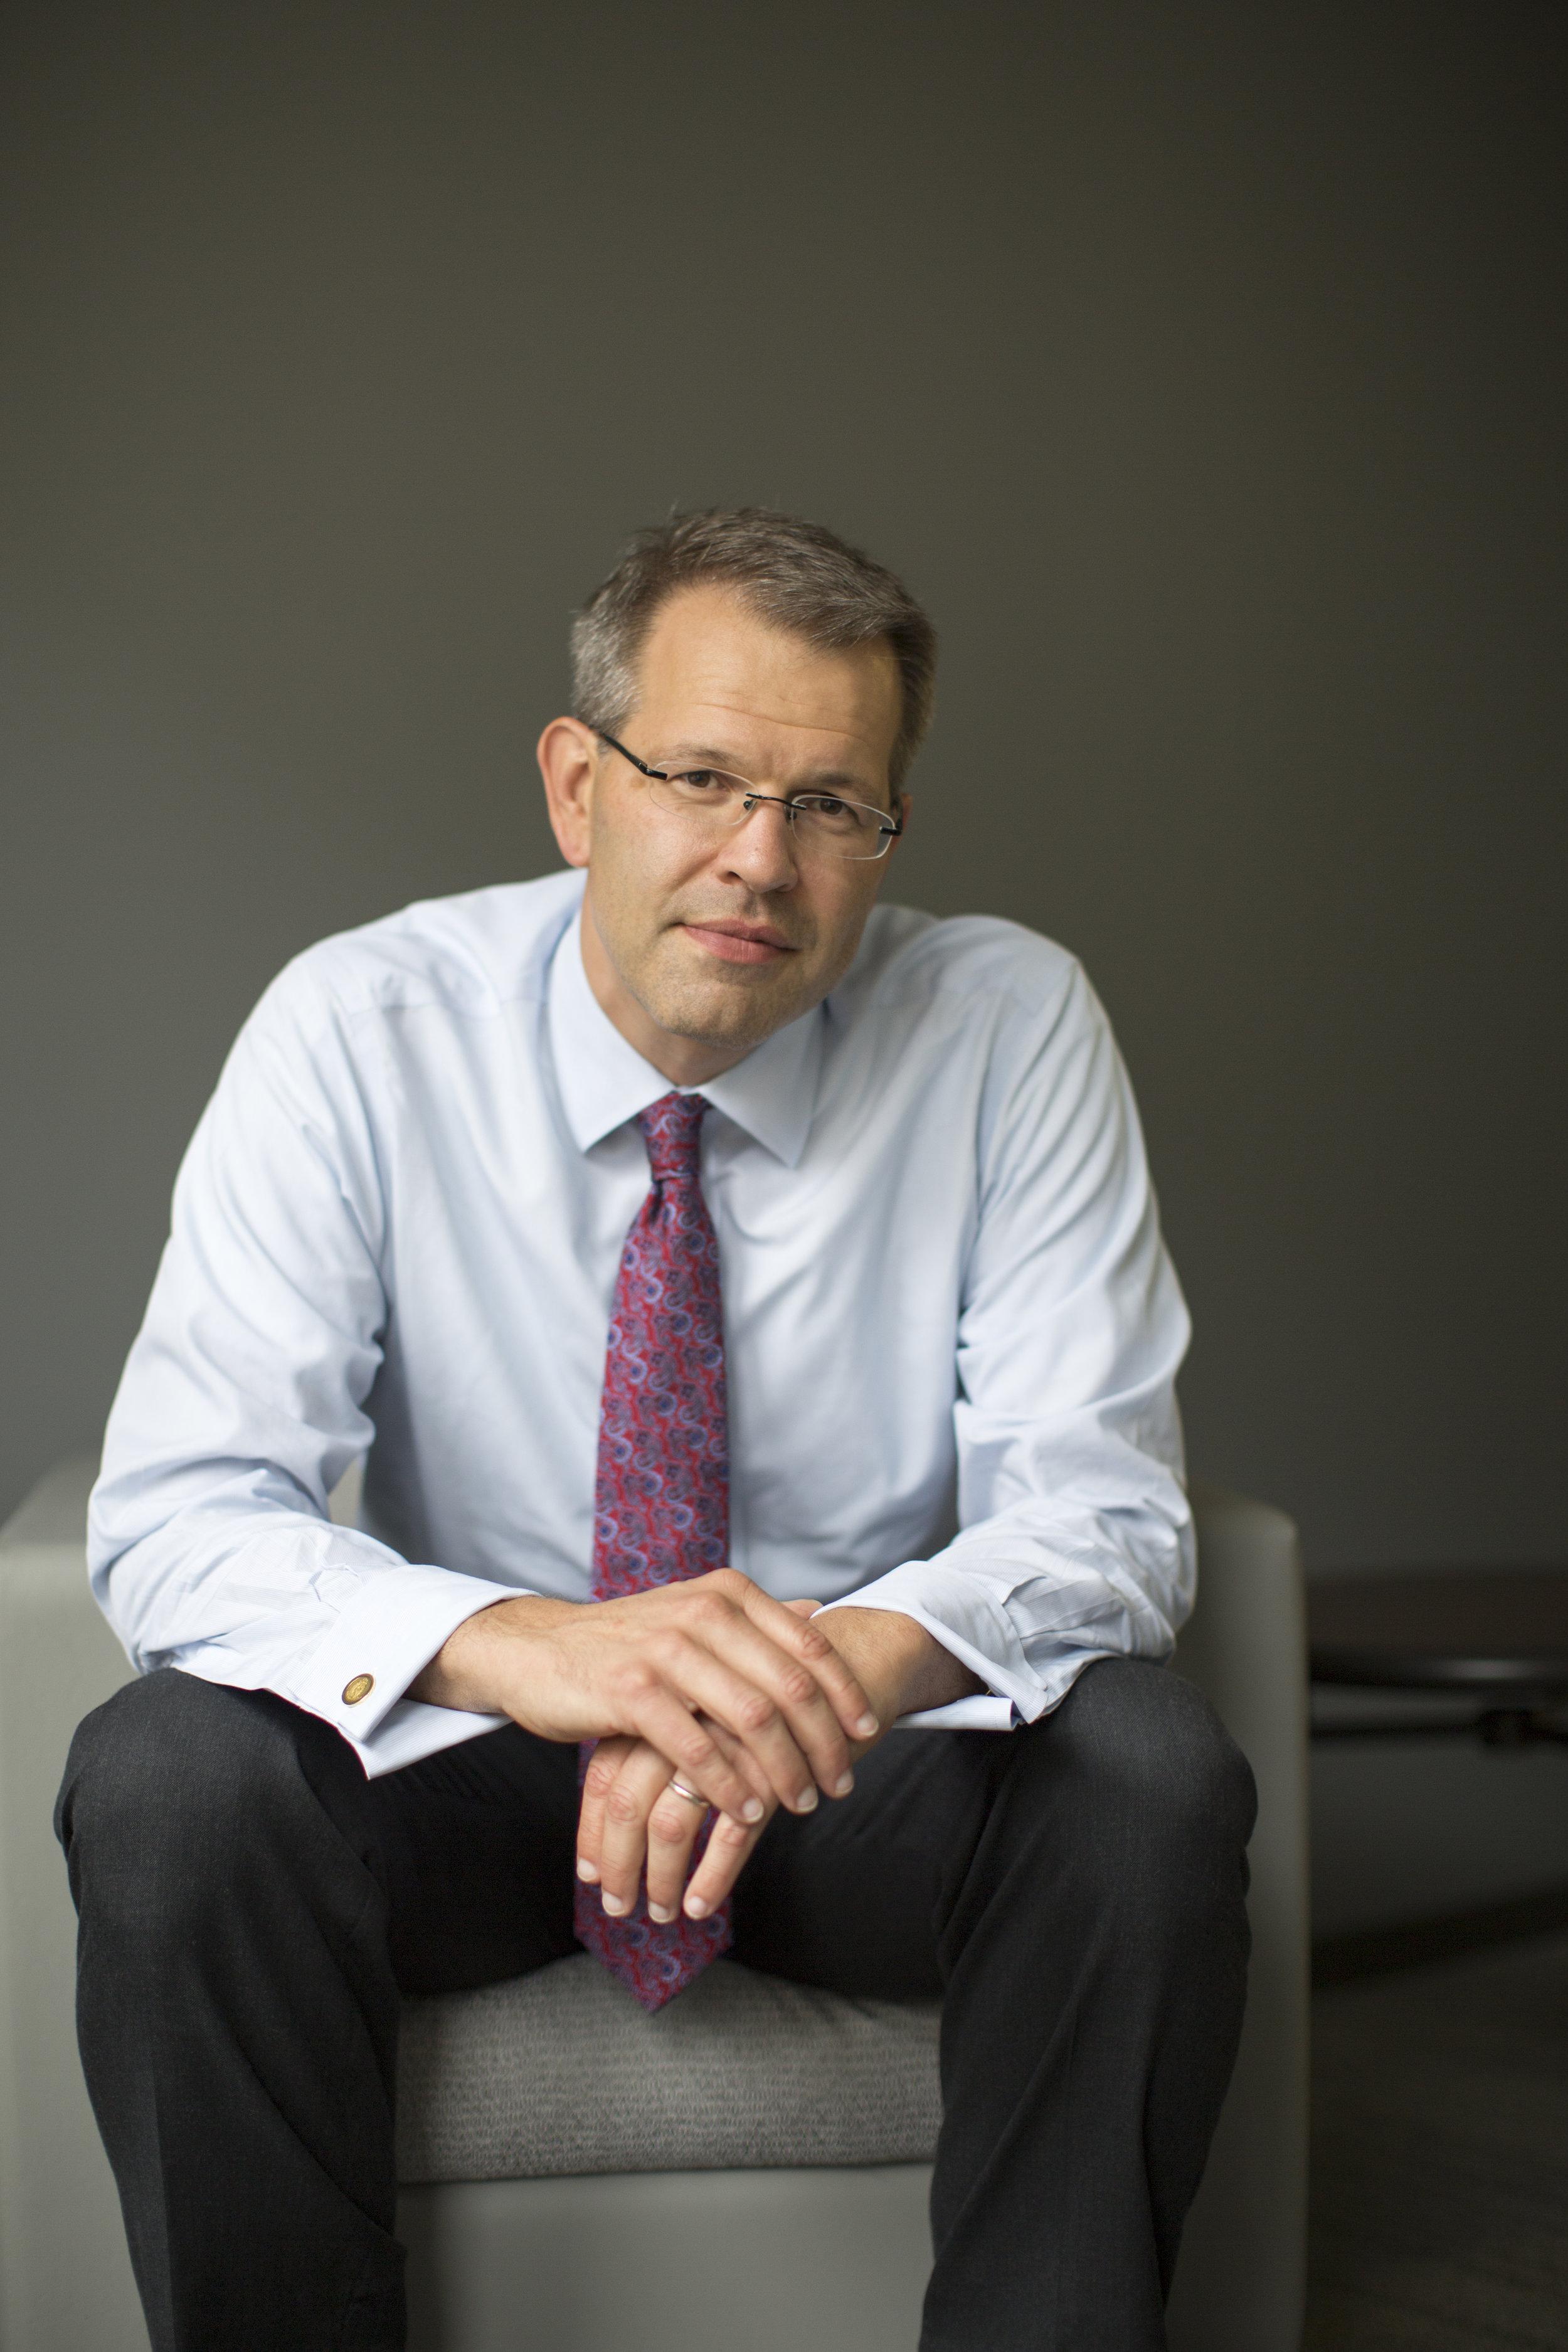 Matt Kaiser